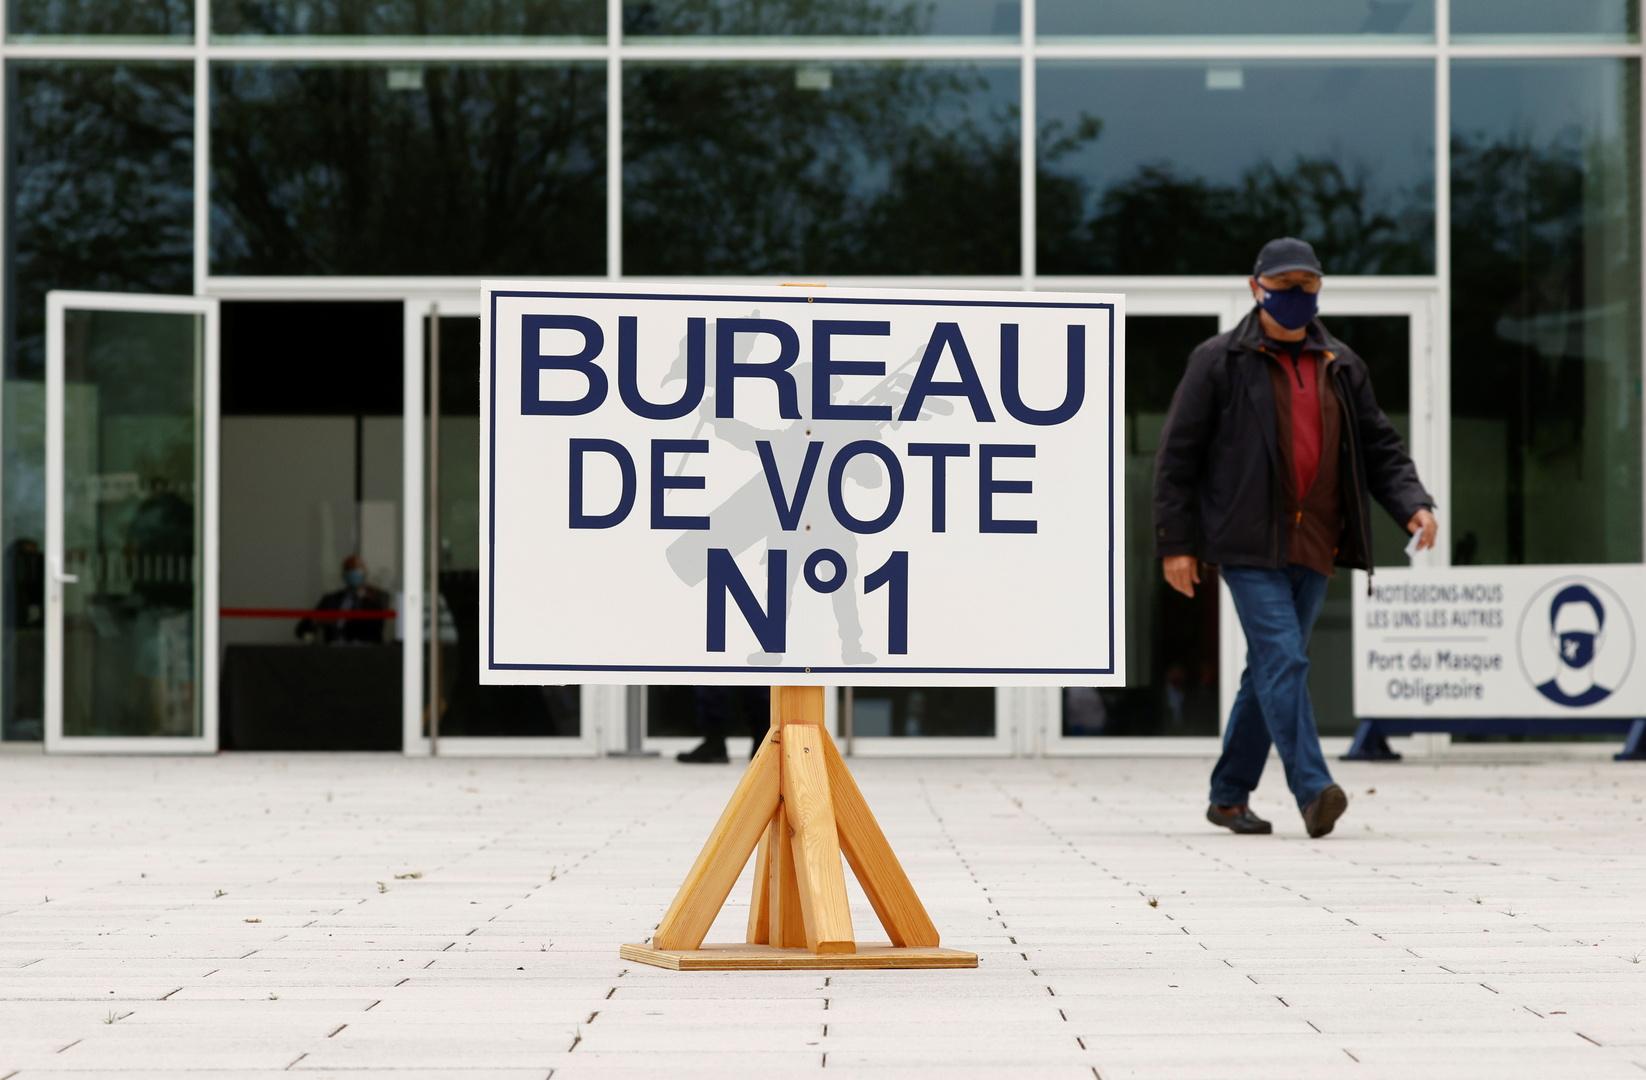 حزب ماكرون يأسف لضعف الإقبال في الانتخابات الإقليمية